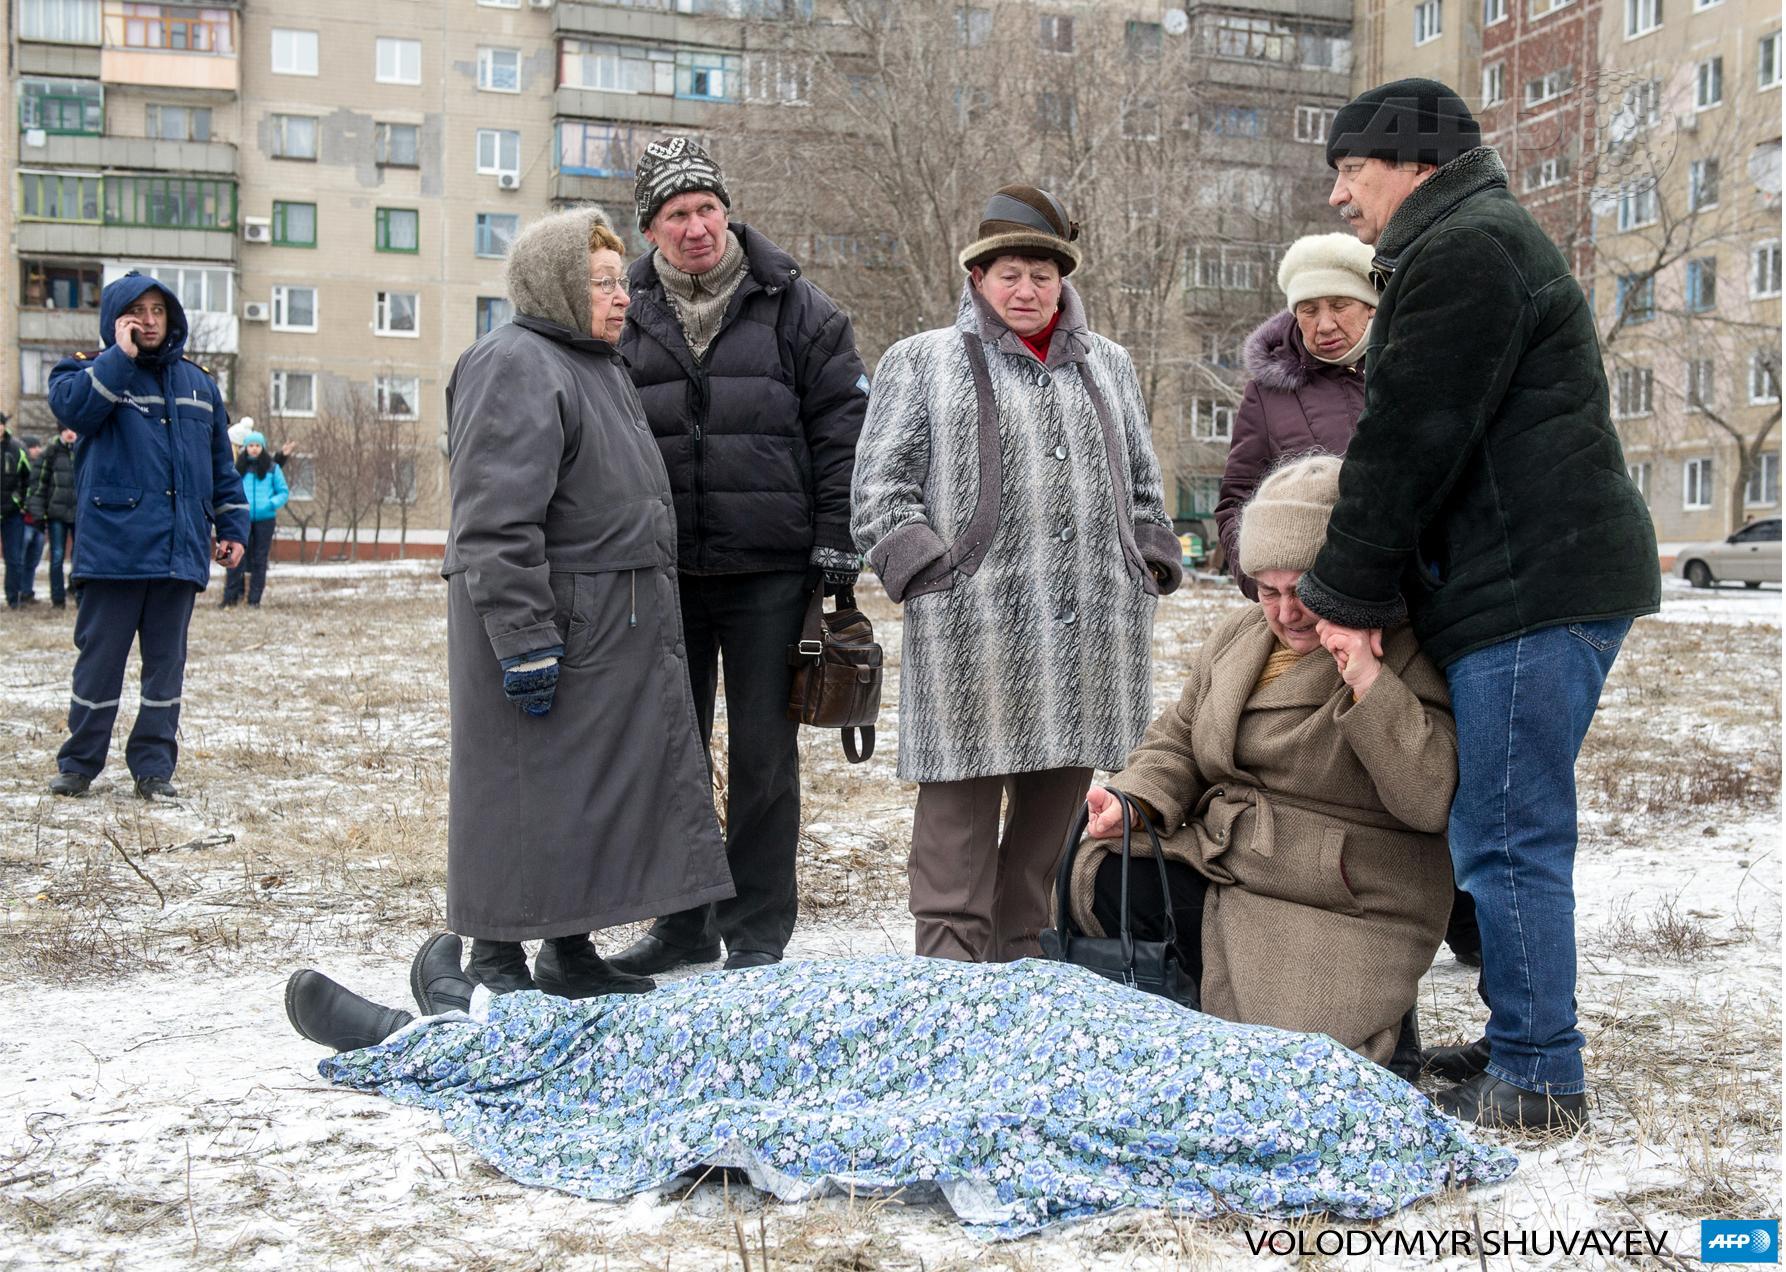 Количество погибших при обстреле Краматорска увеличилось до 11 человек - Цензор.НЕТ 4338